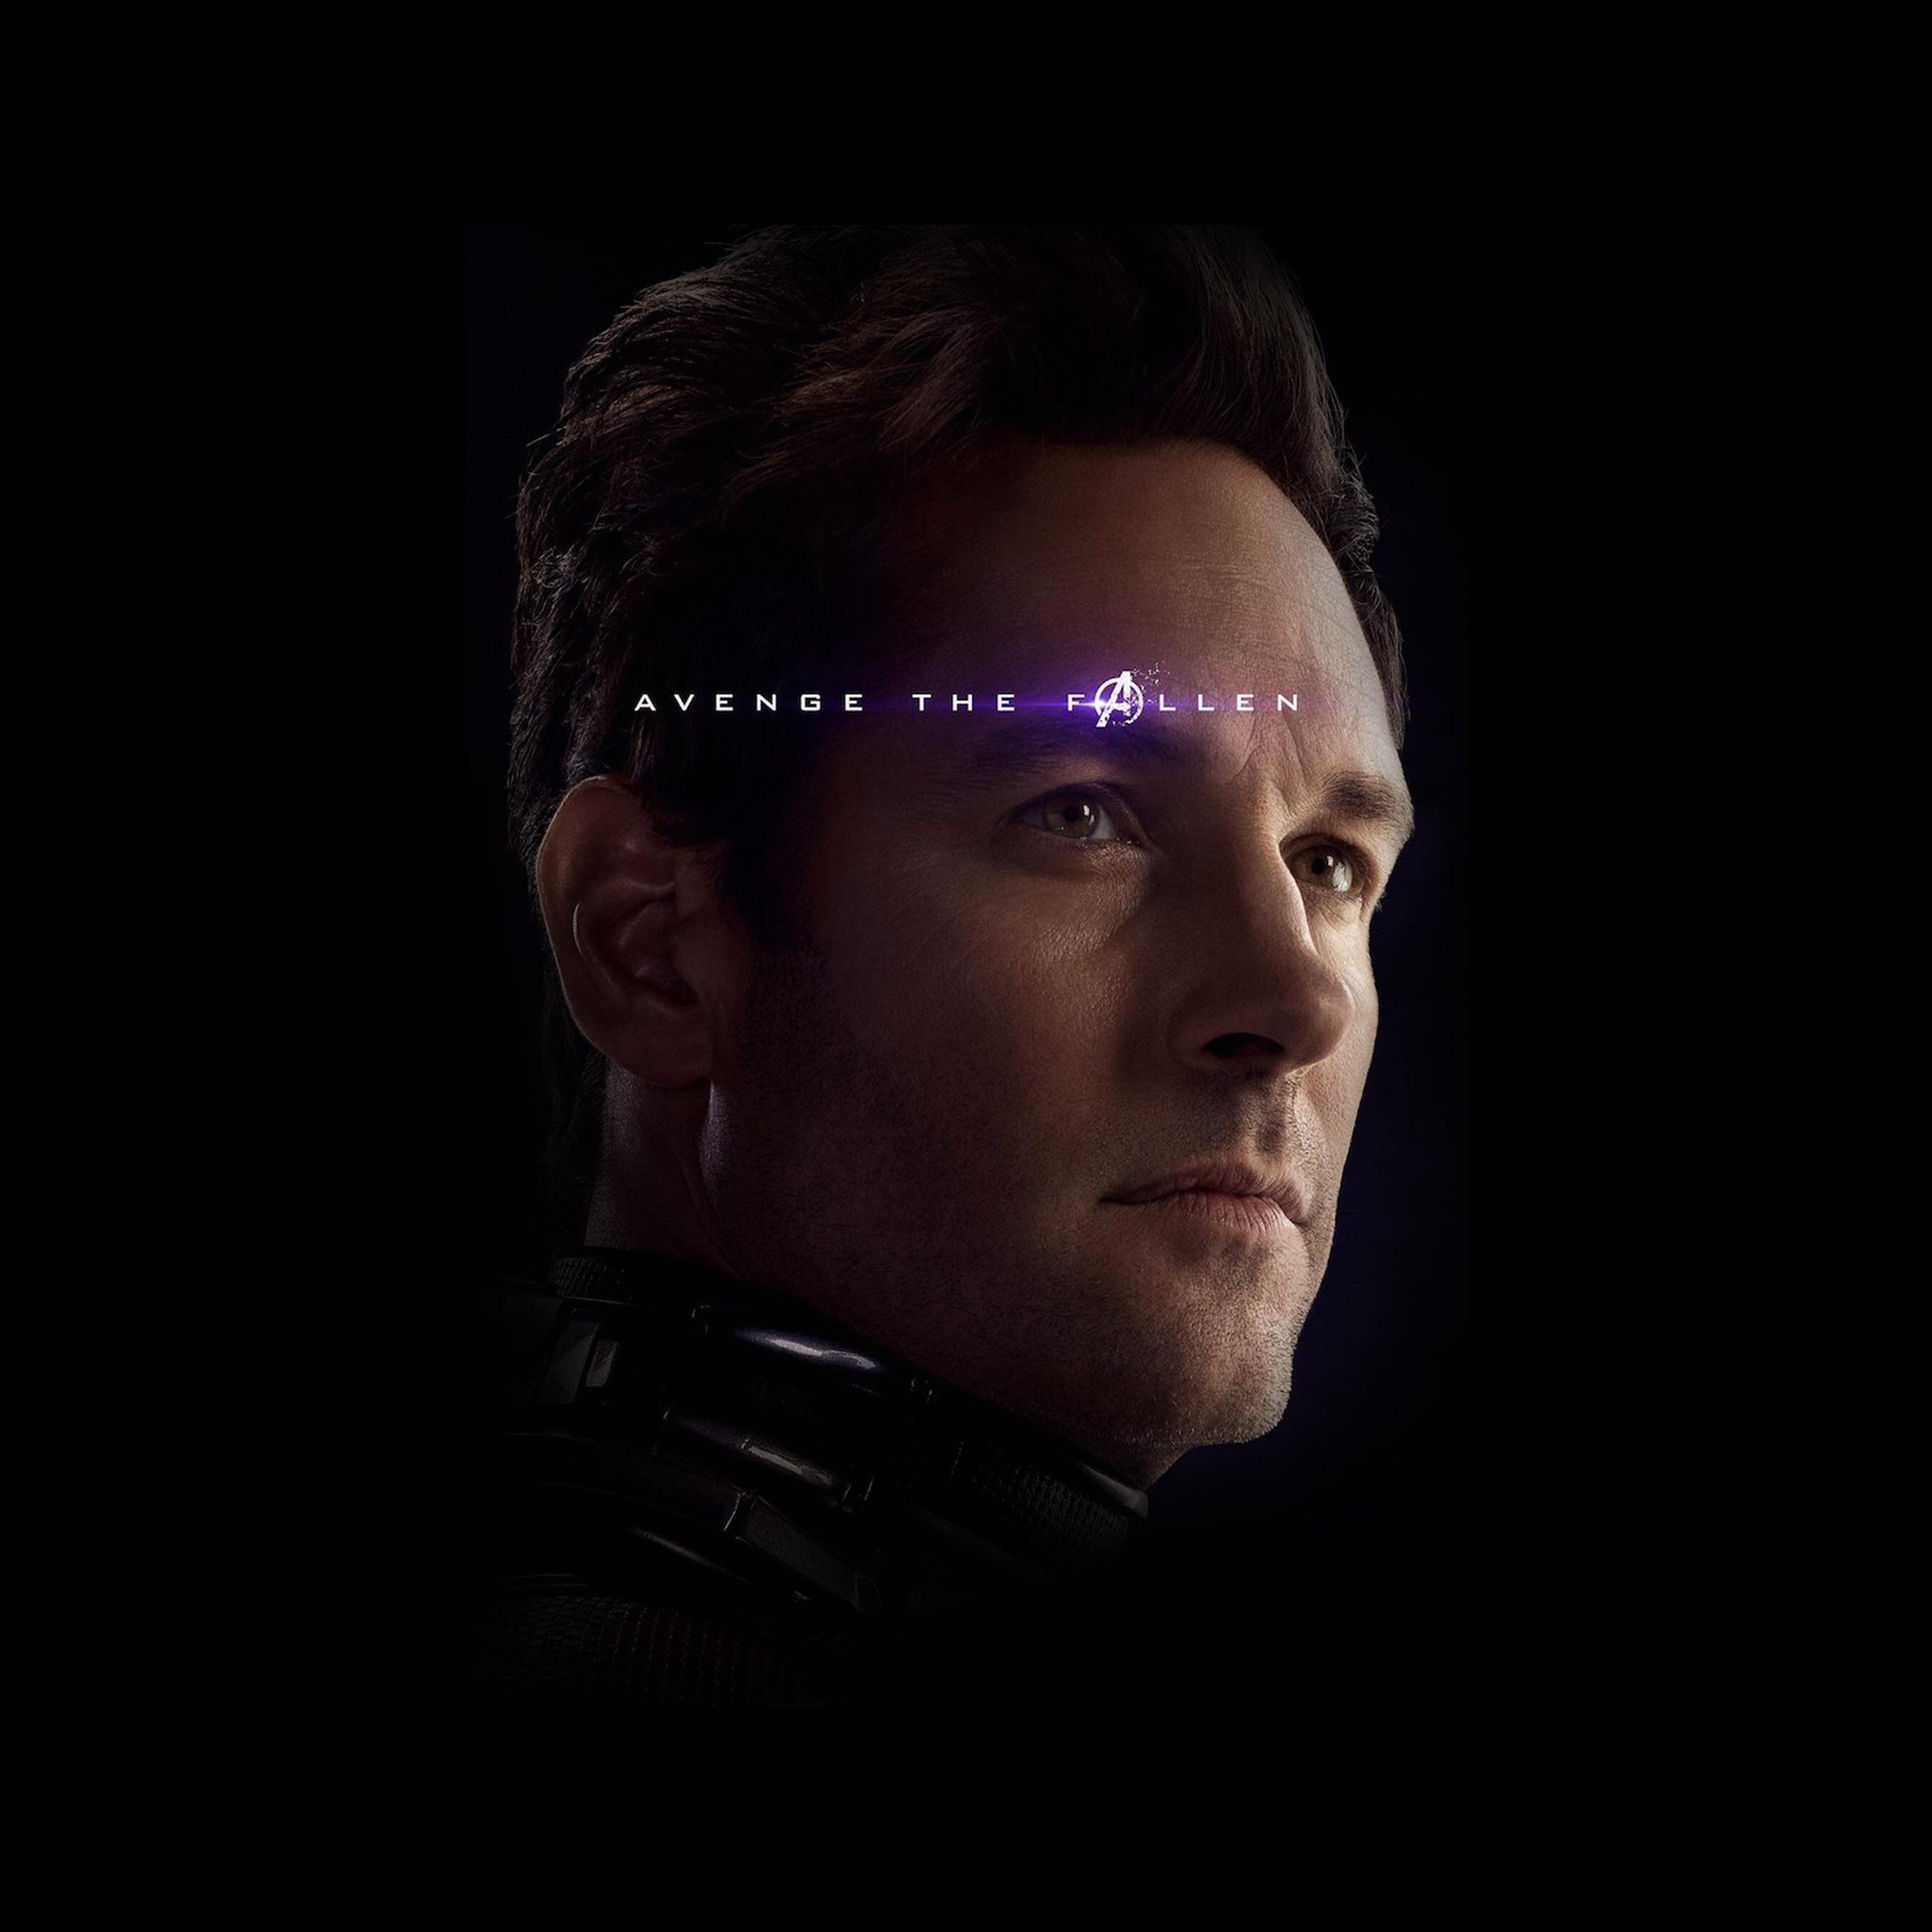 bi45-hero-avengers-endgame-film-antman-marvel-art-wallpaper